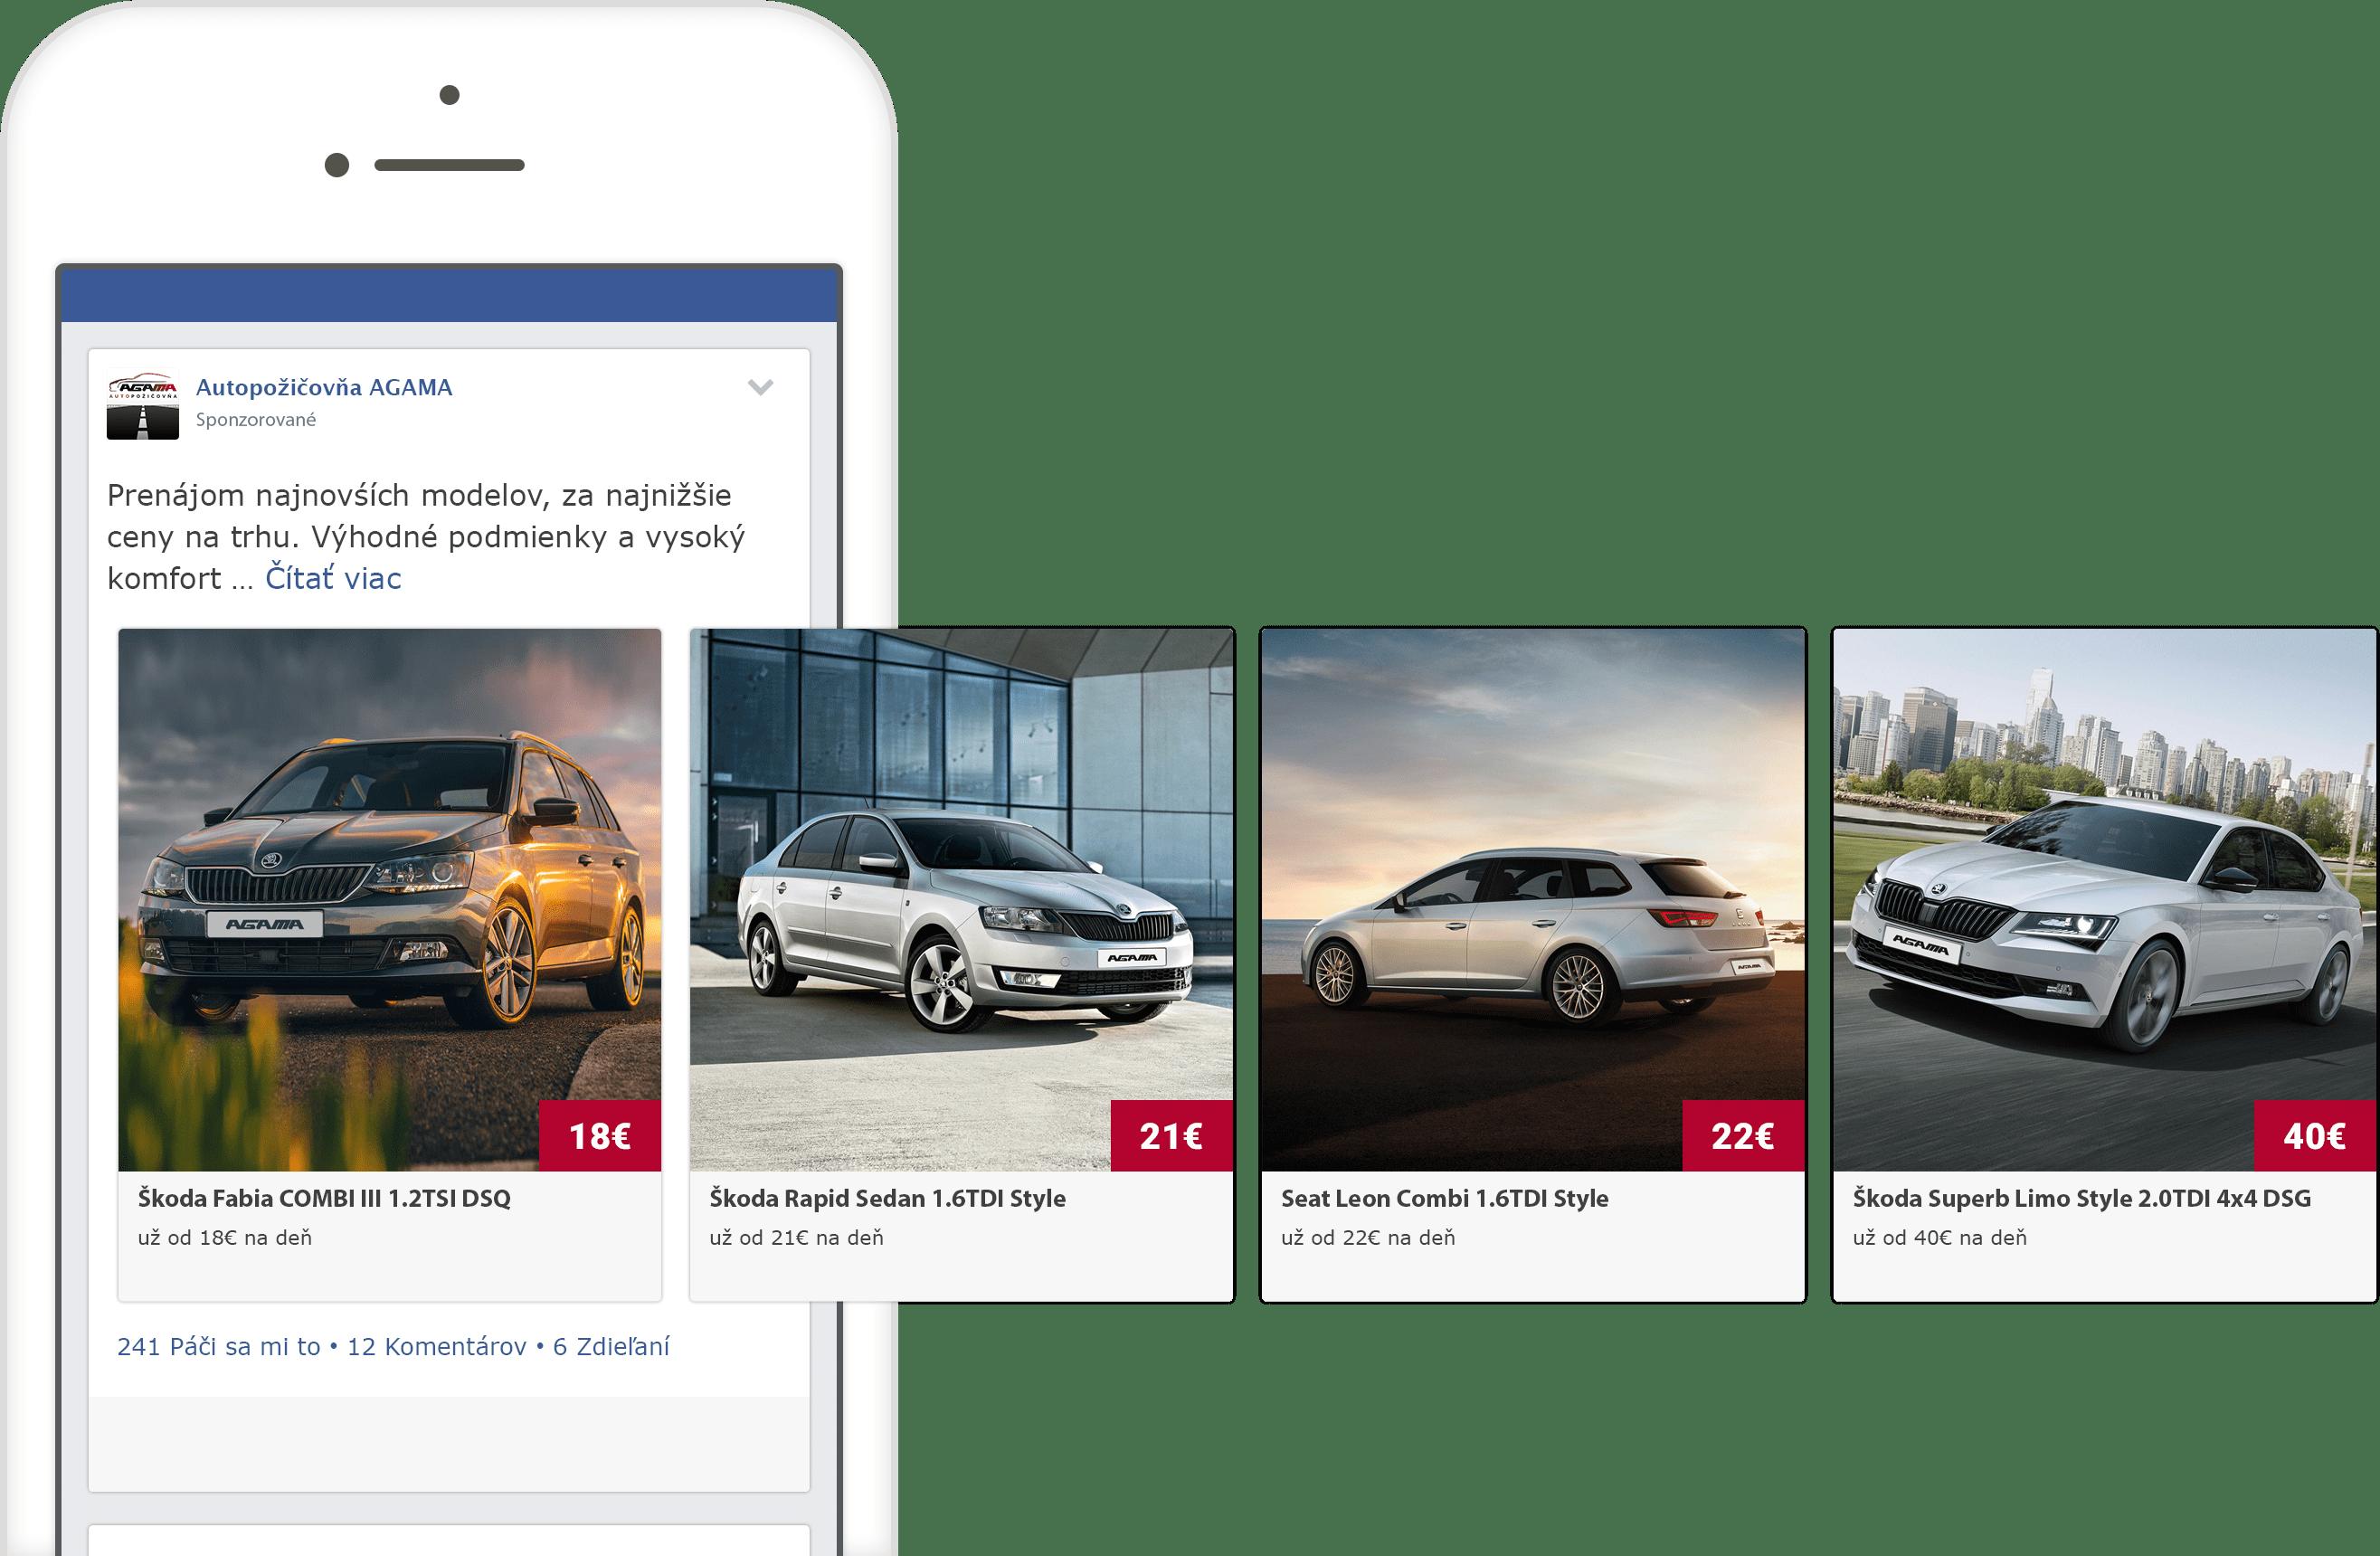 Facebook reklama autopožičovne AGAMA na mobilnom telefóne